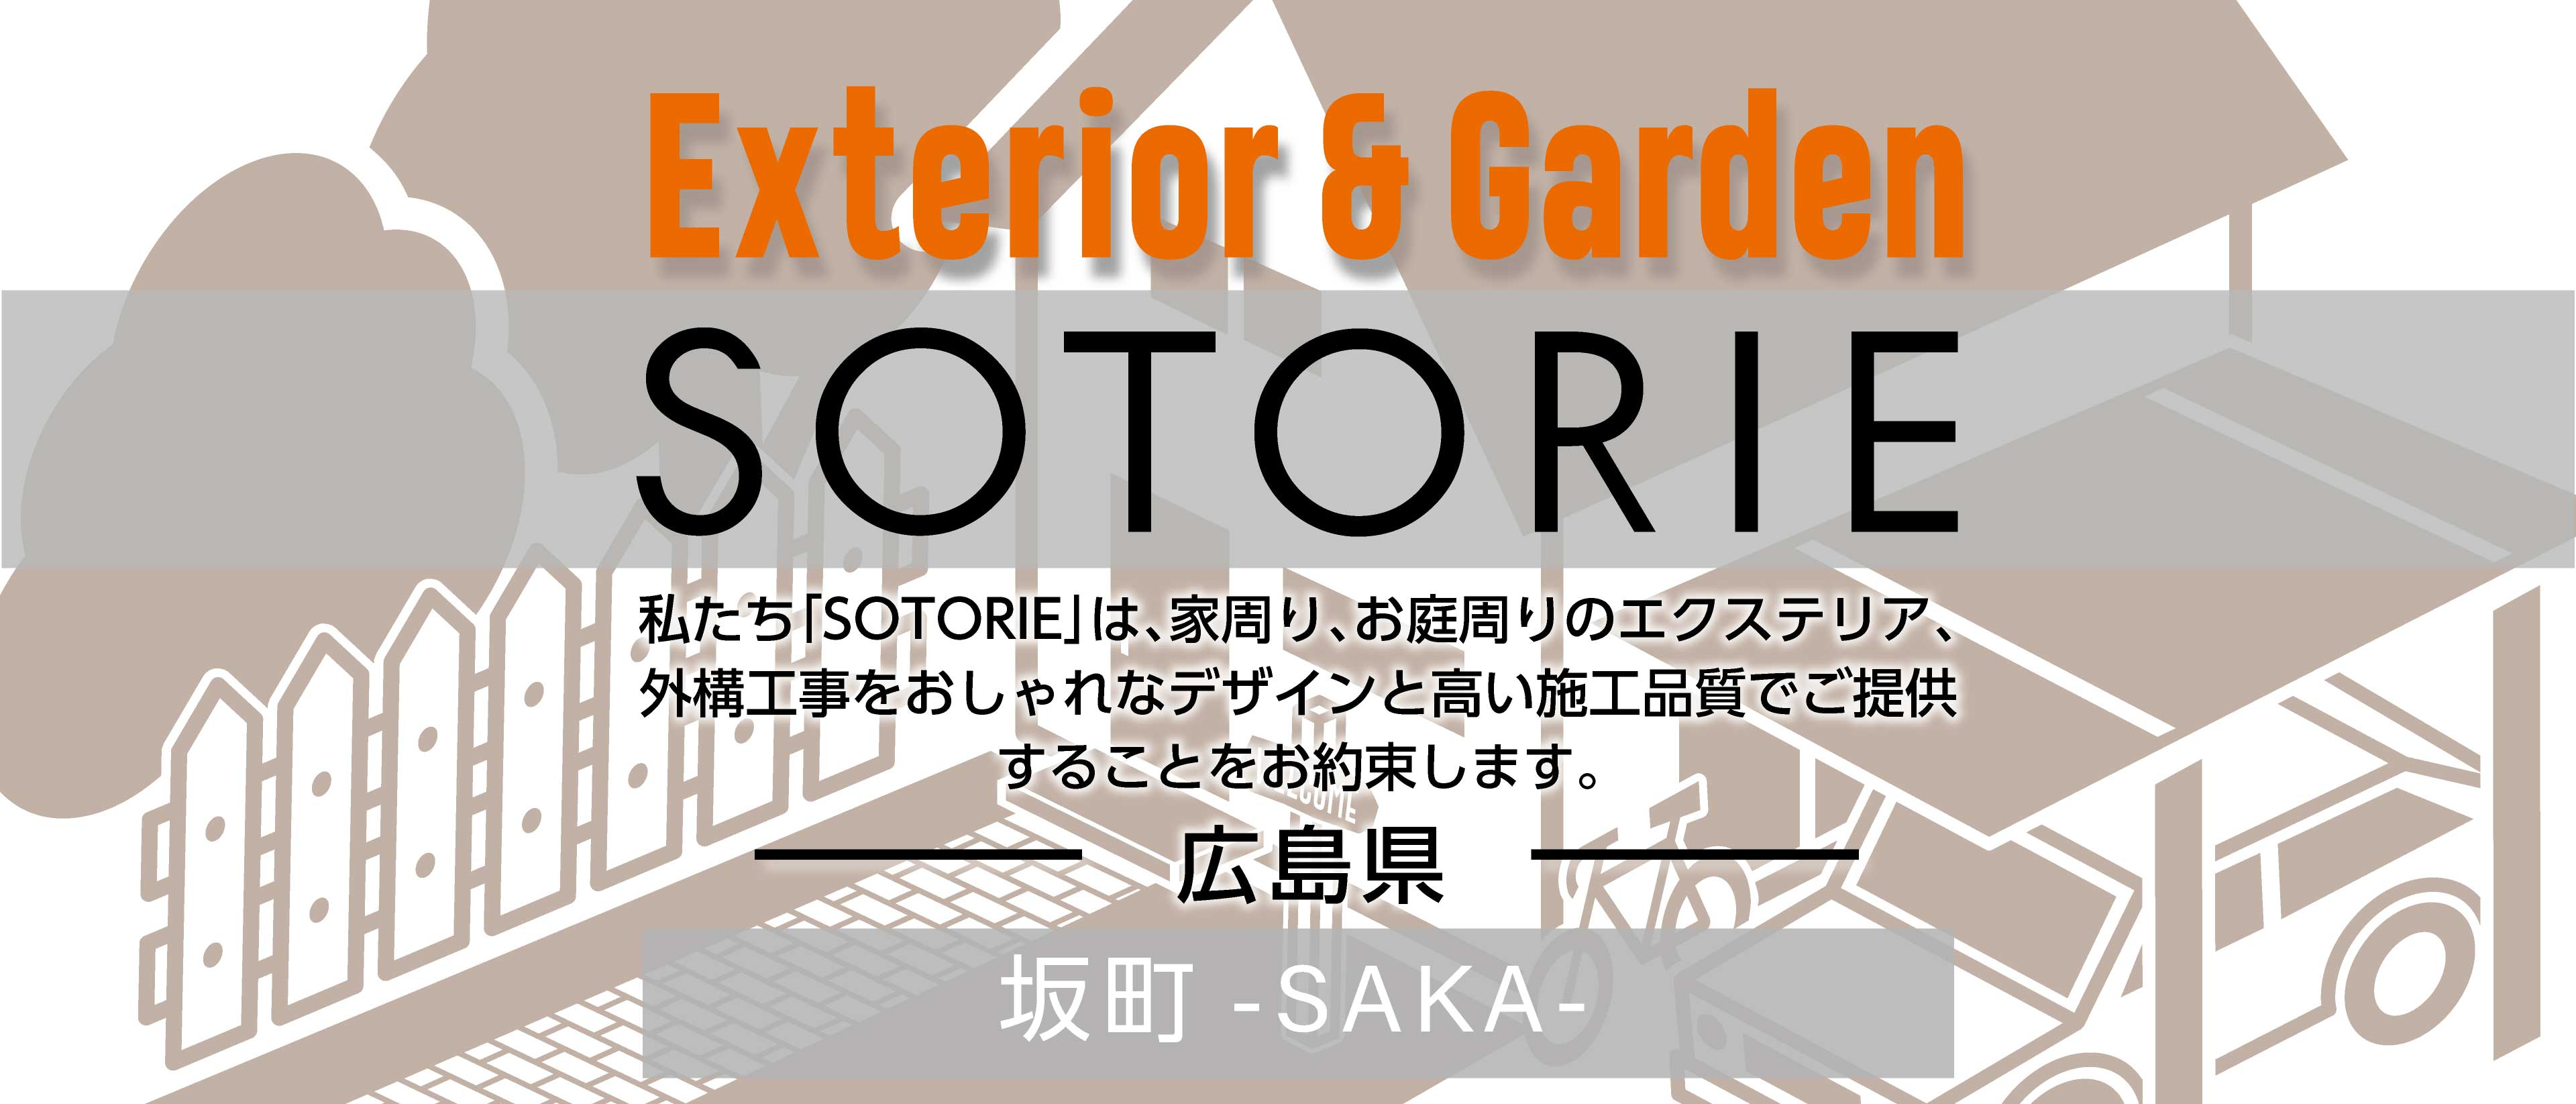 ソトリエ坂町では、家周りと庭周りの外構、エクステリア工事をおしゃれなデザインと高い施工品質でご提供することをお約束します。